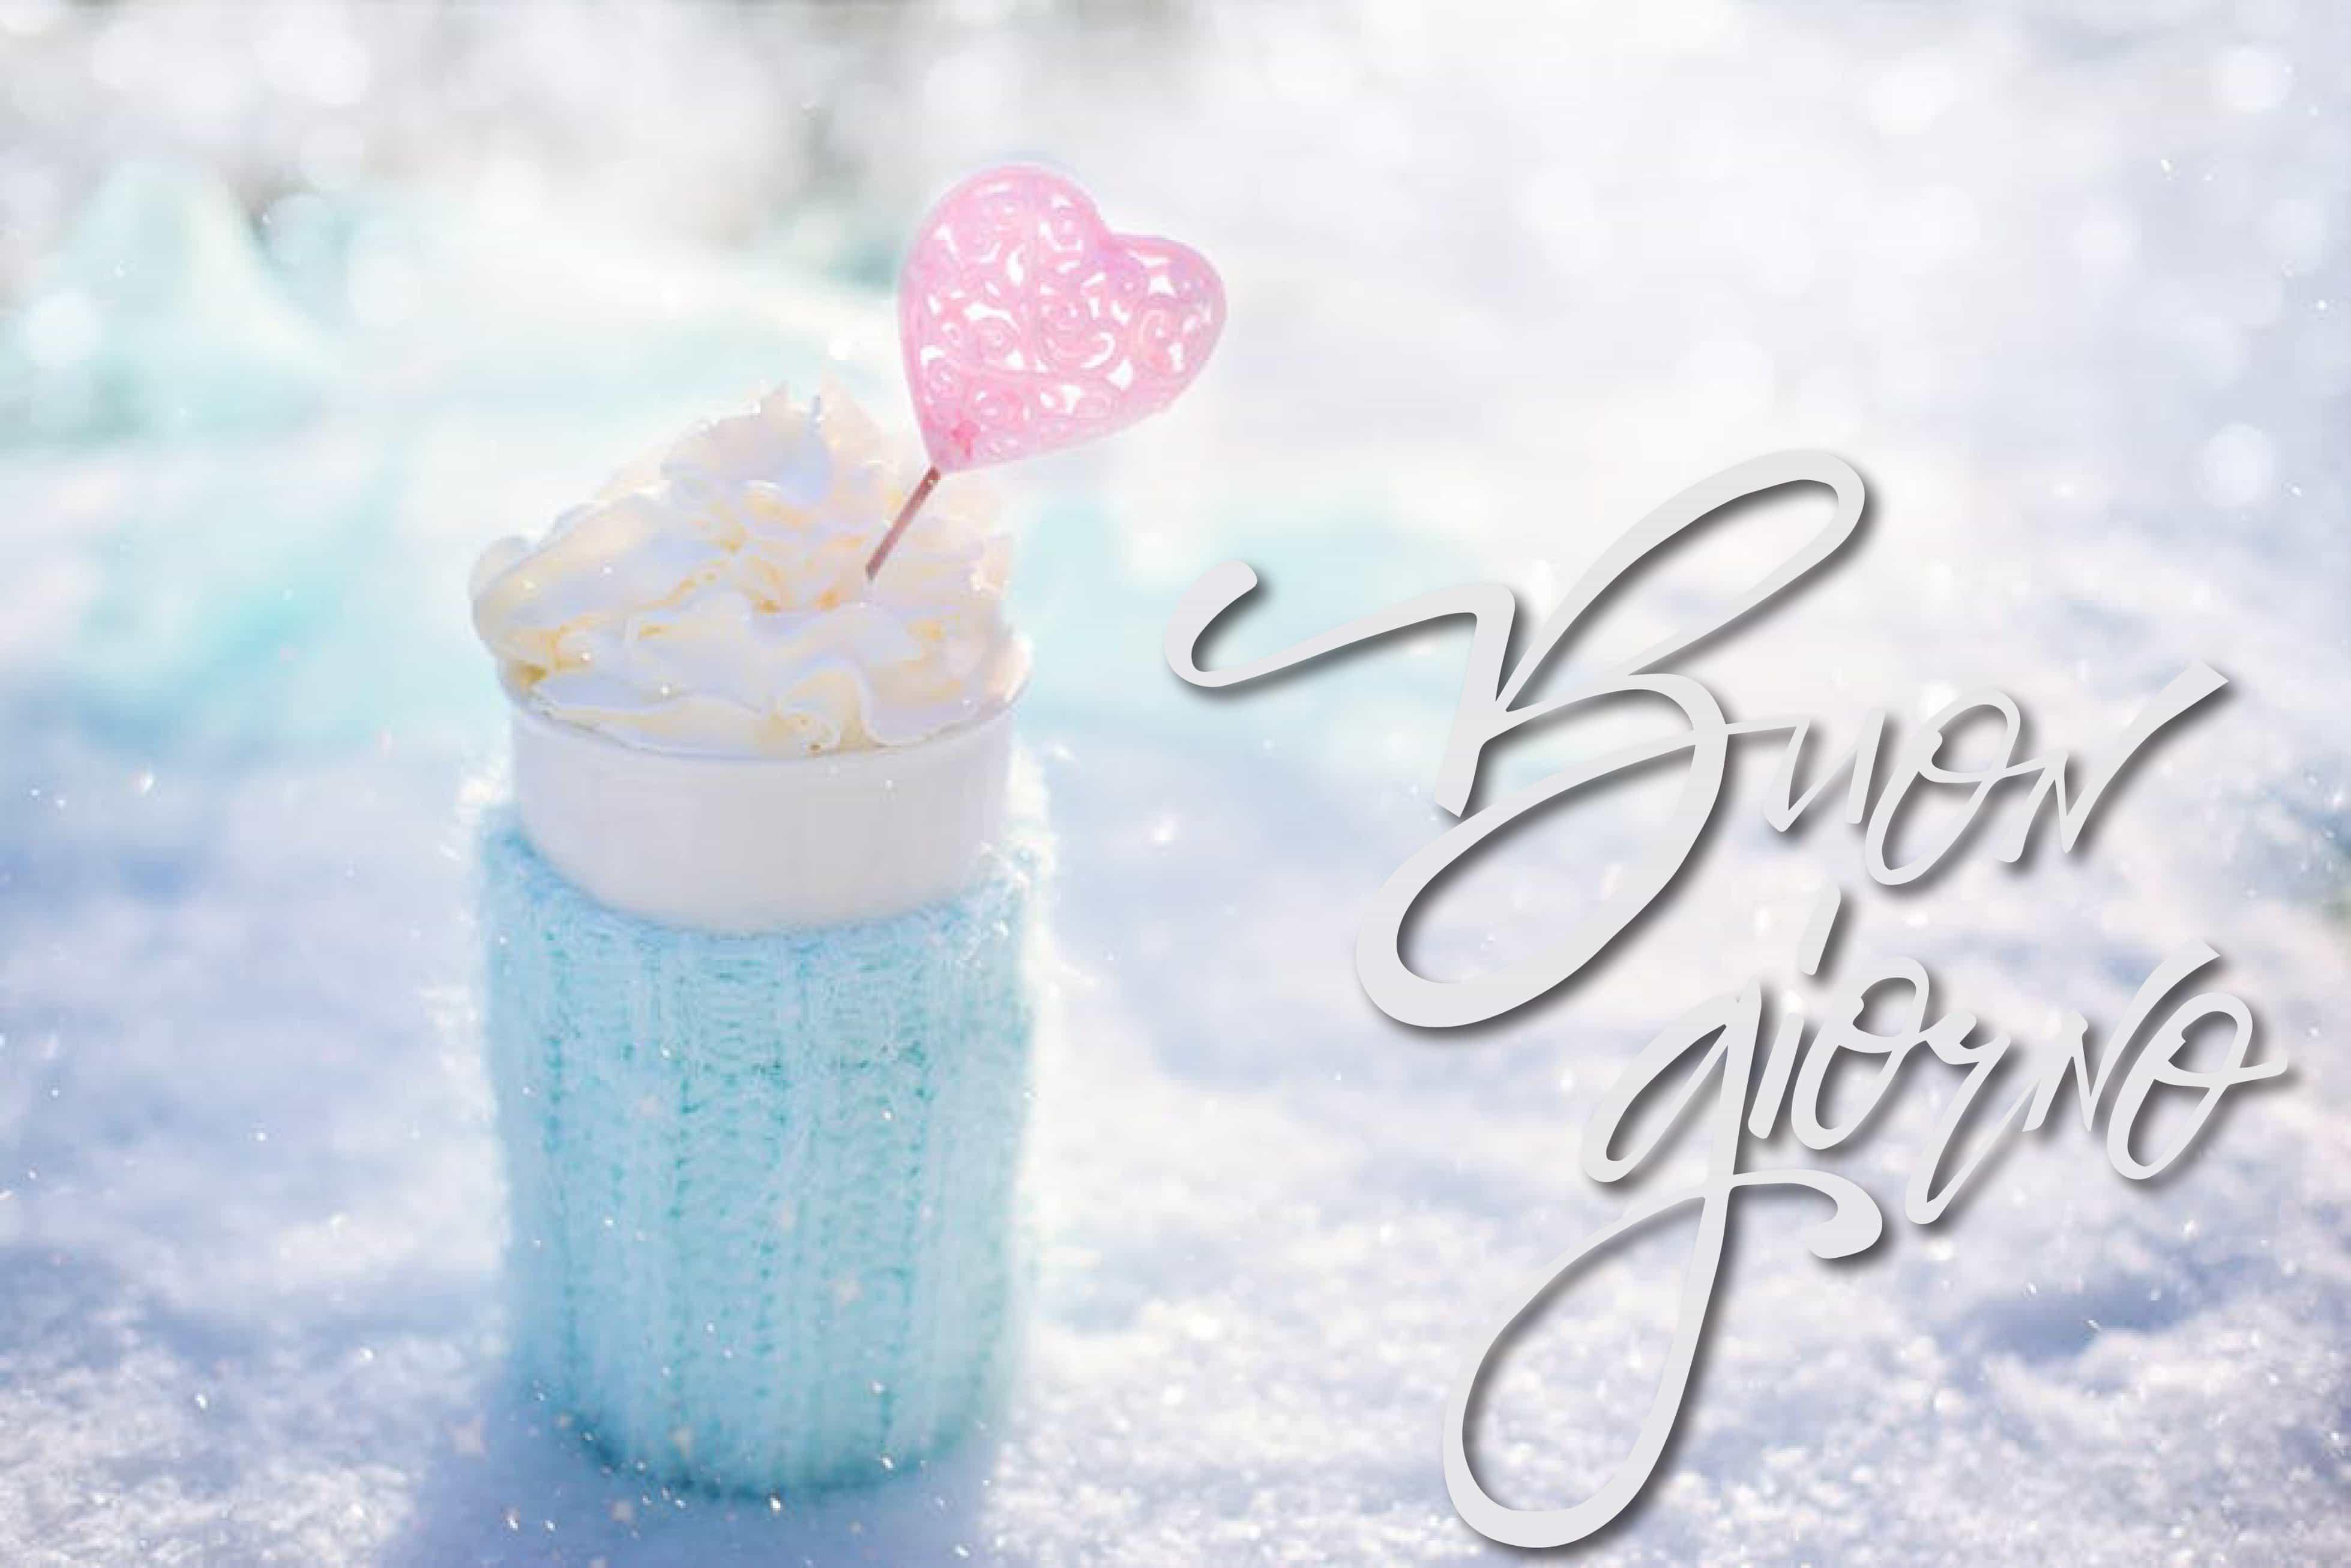 Le immagini del buongiorno freddolosi foto №2